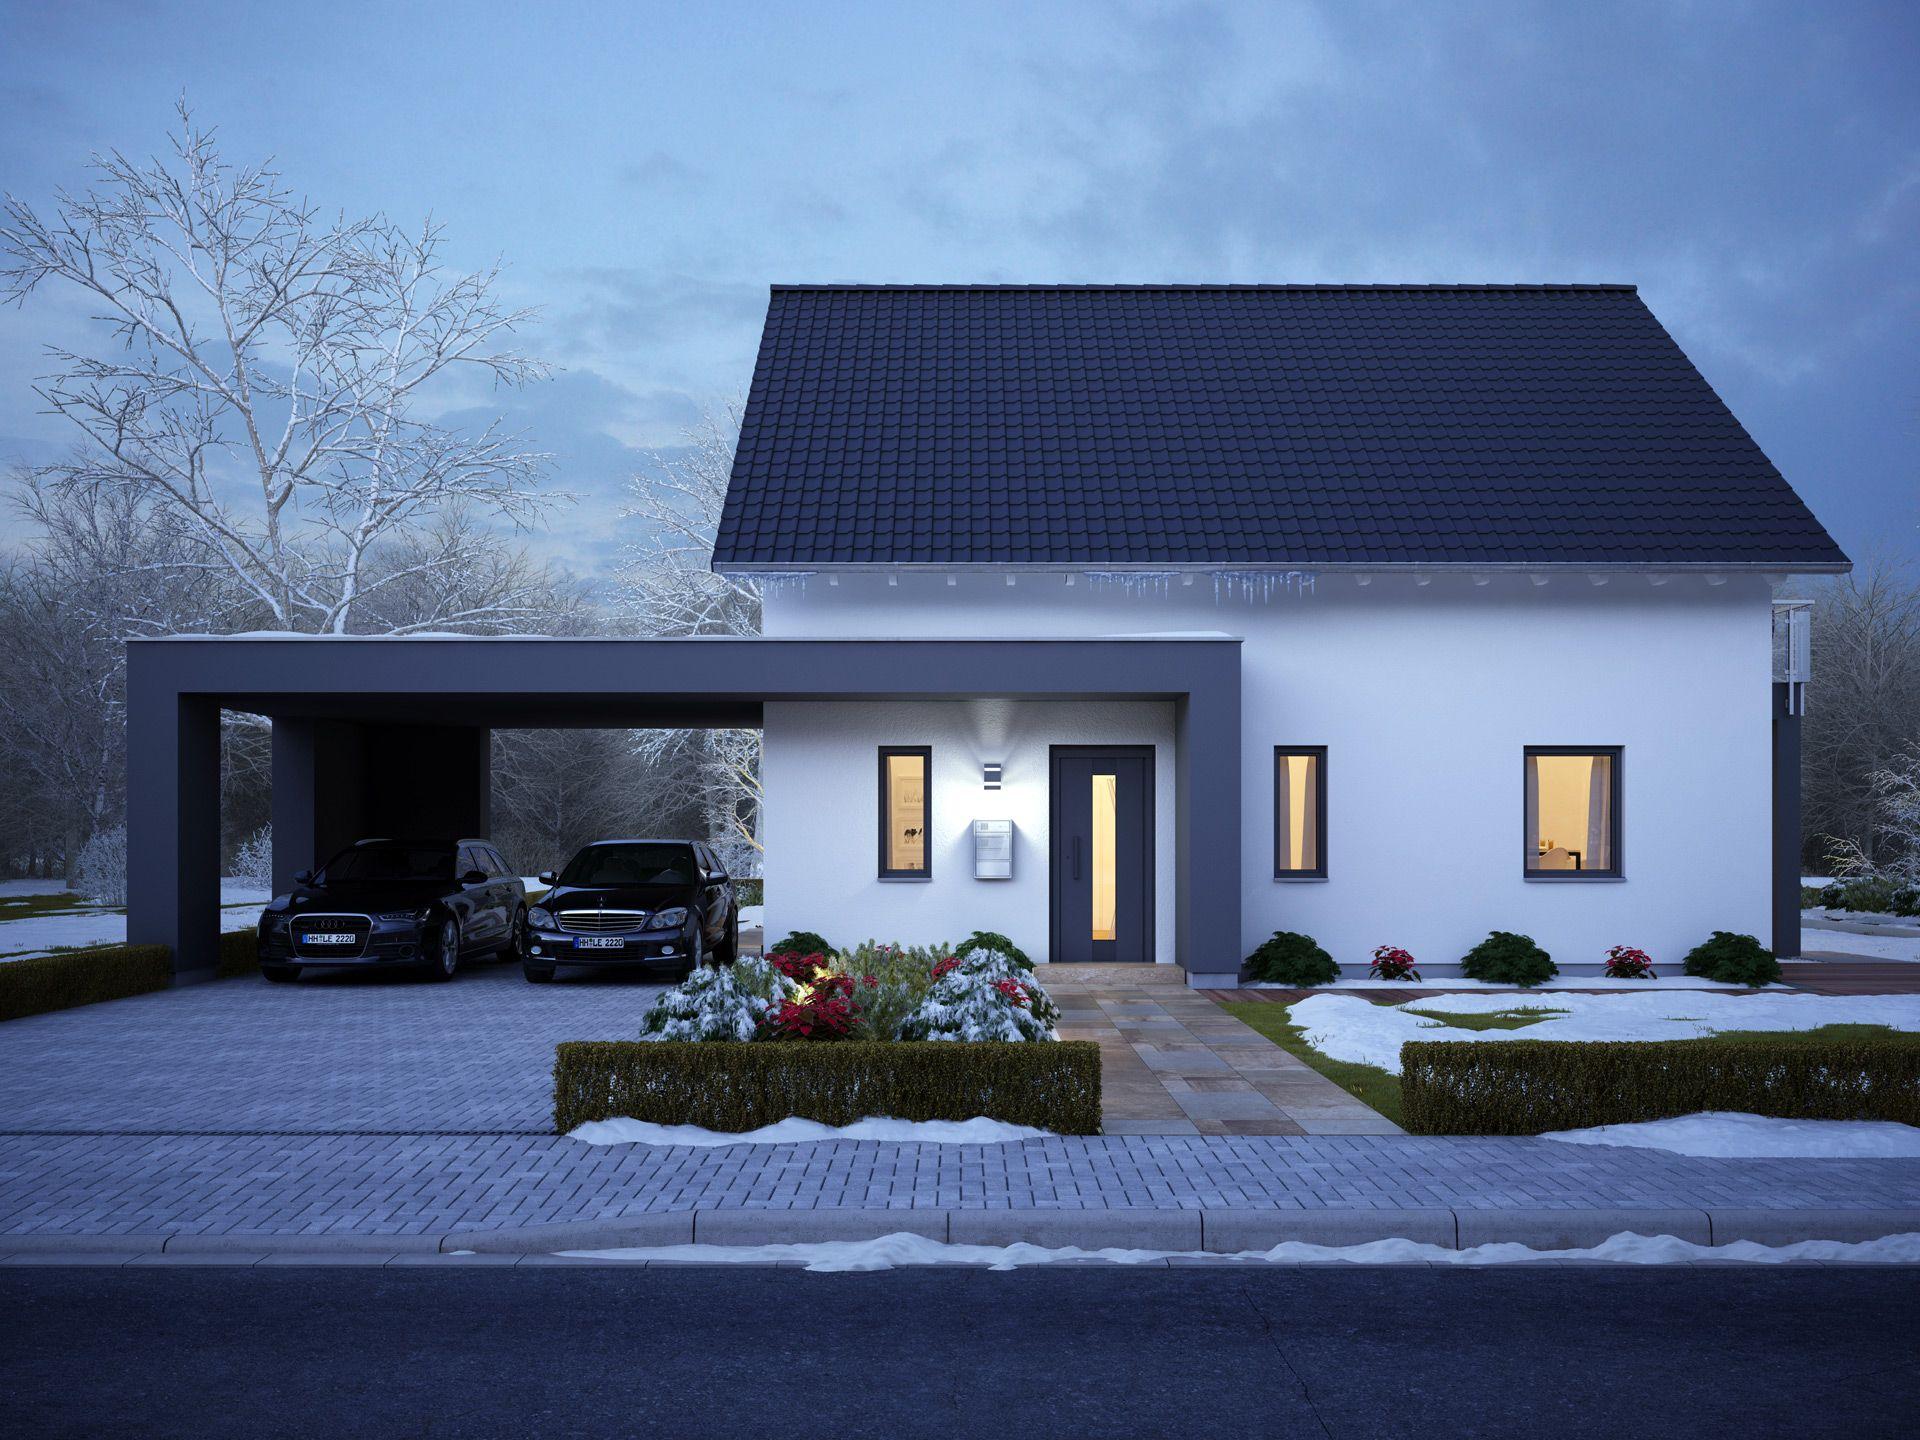 bei lifestyle 5 ist alles eine frage des pers nlichen stils unter einem klassischen satteldach. Black Bedroom Furniture Sets. Home Design Ideas